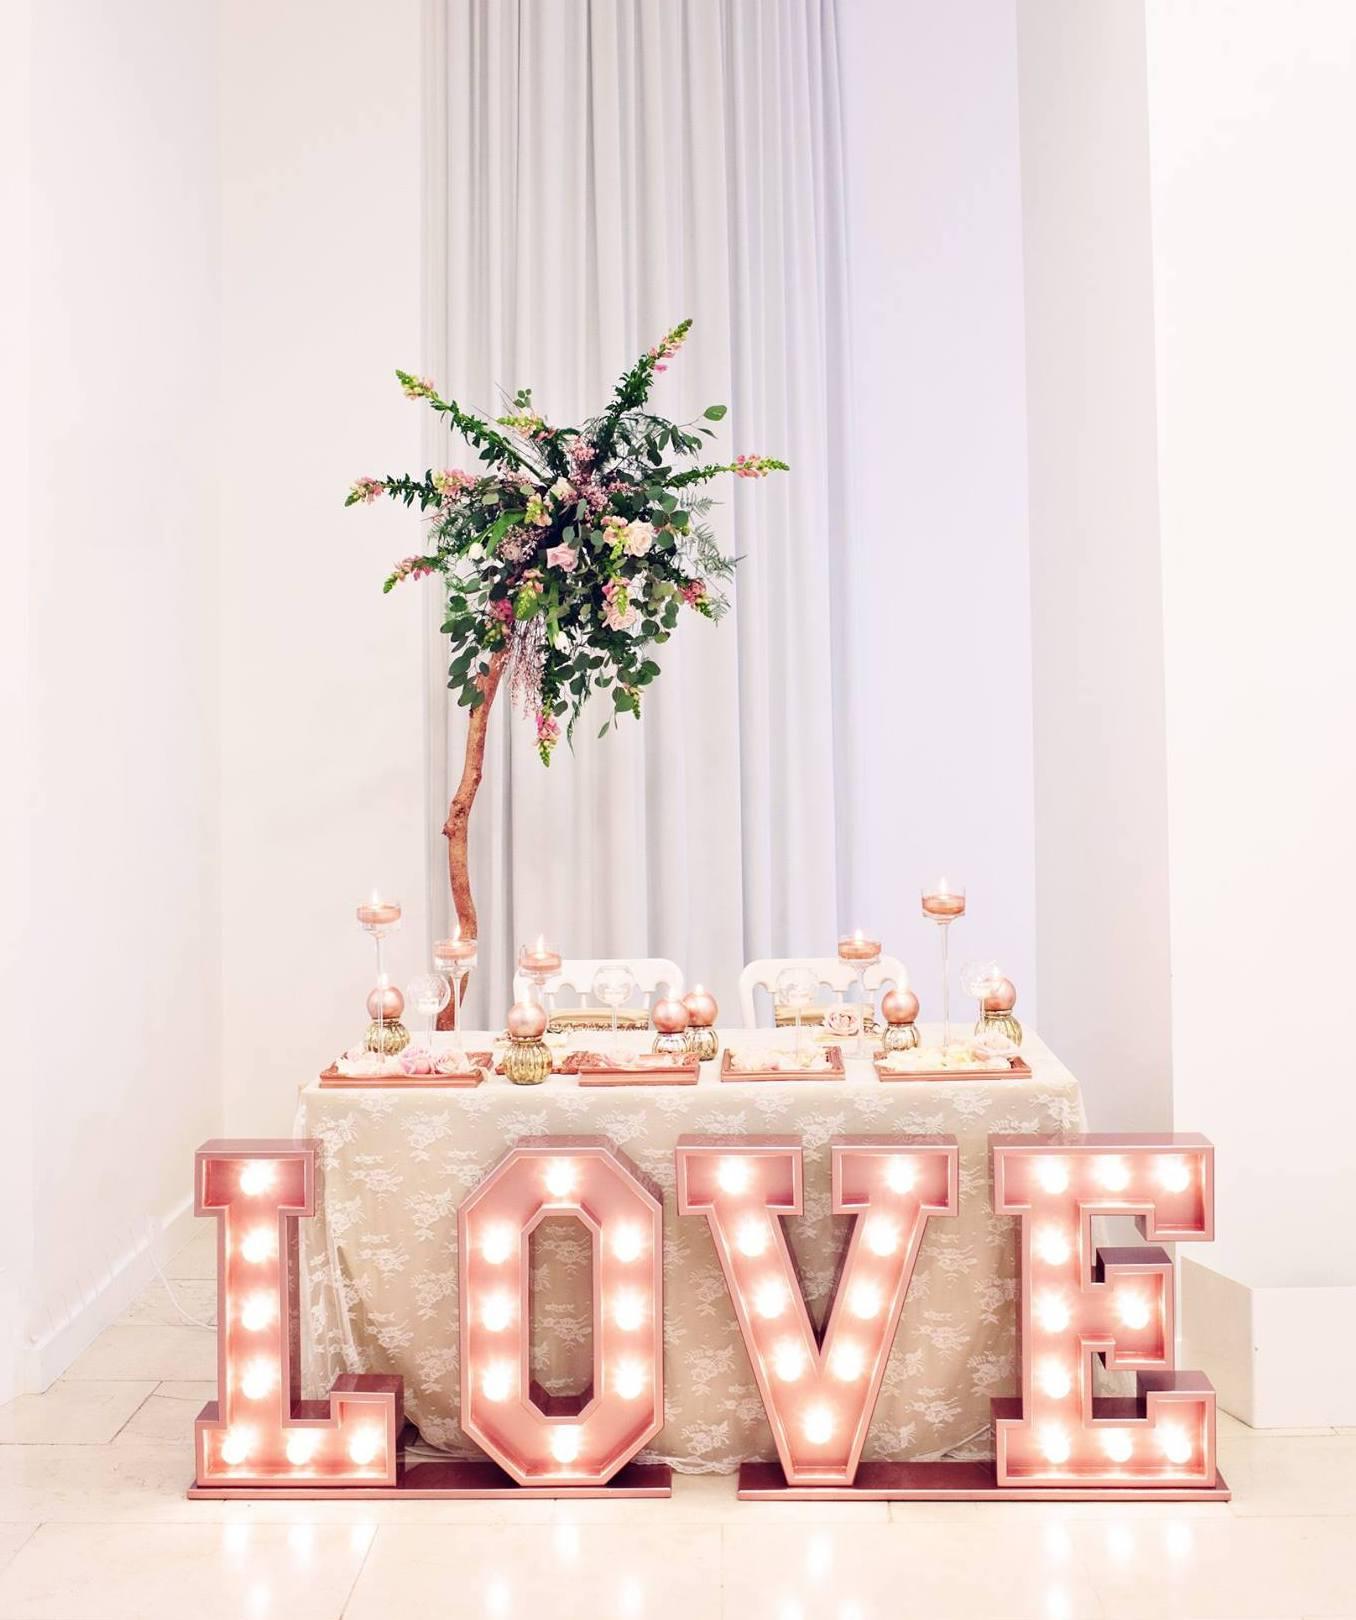 Top Ten Tips for Wedding Planning